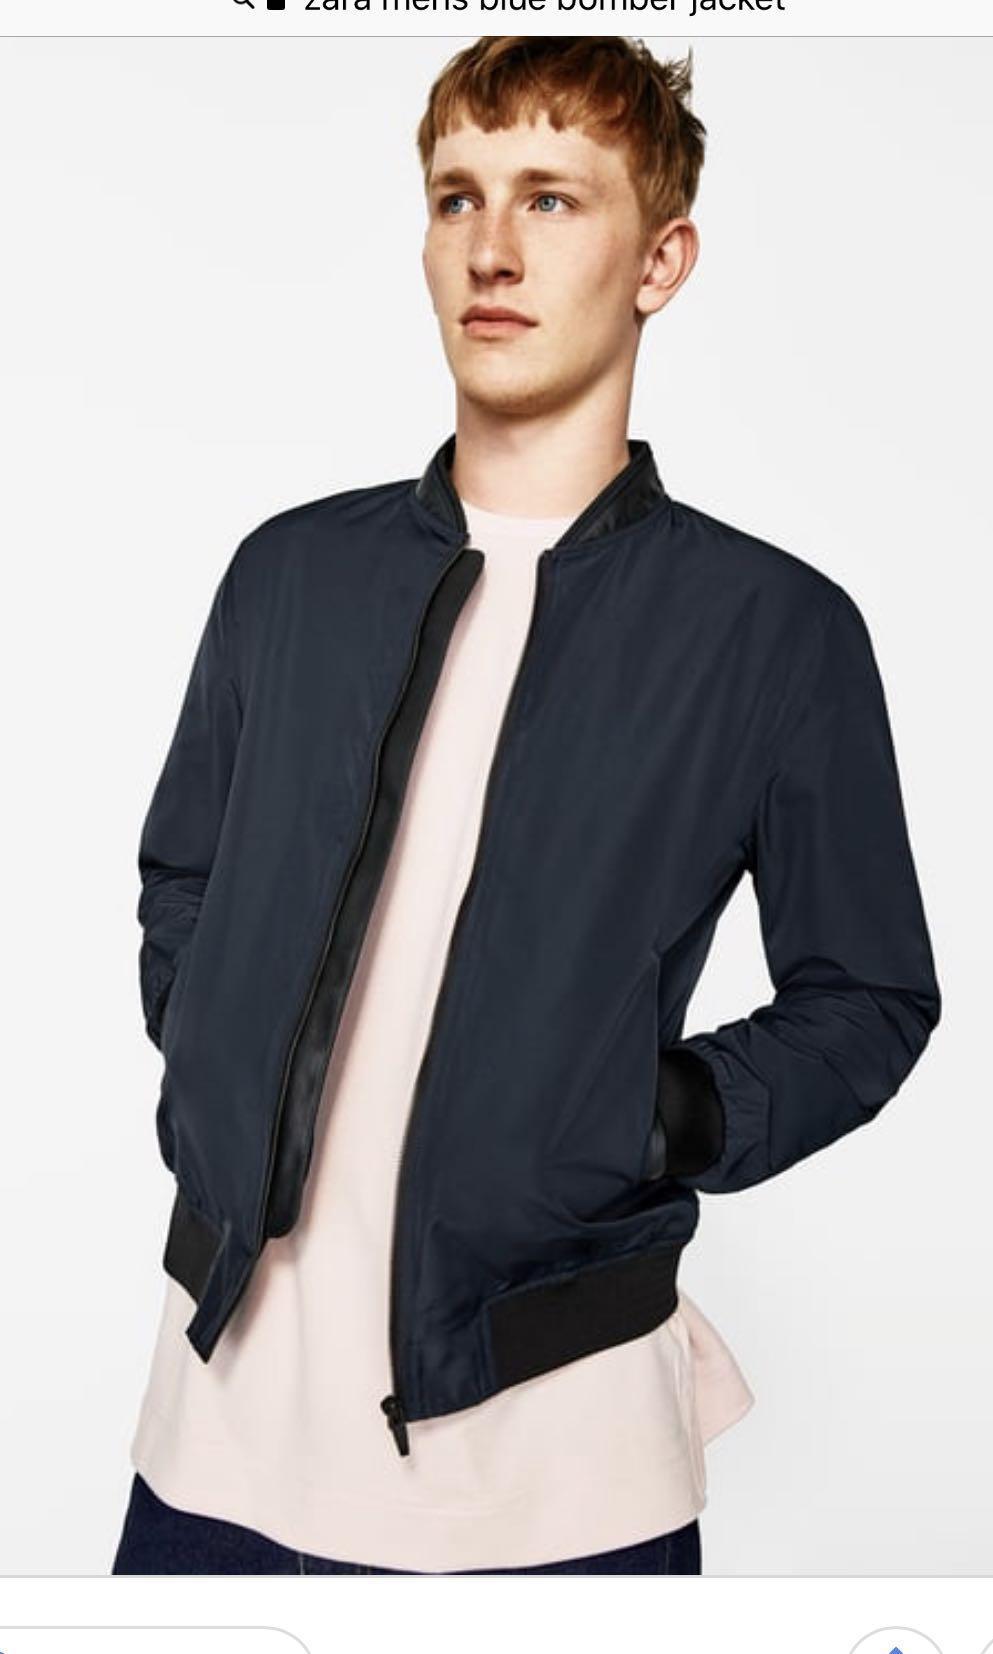 501a4db90064 Zara bomber jacket